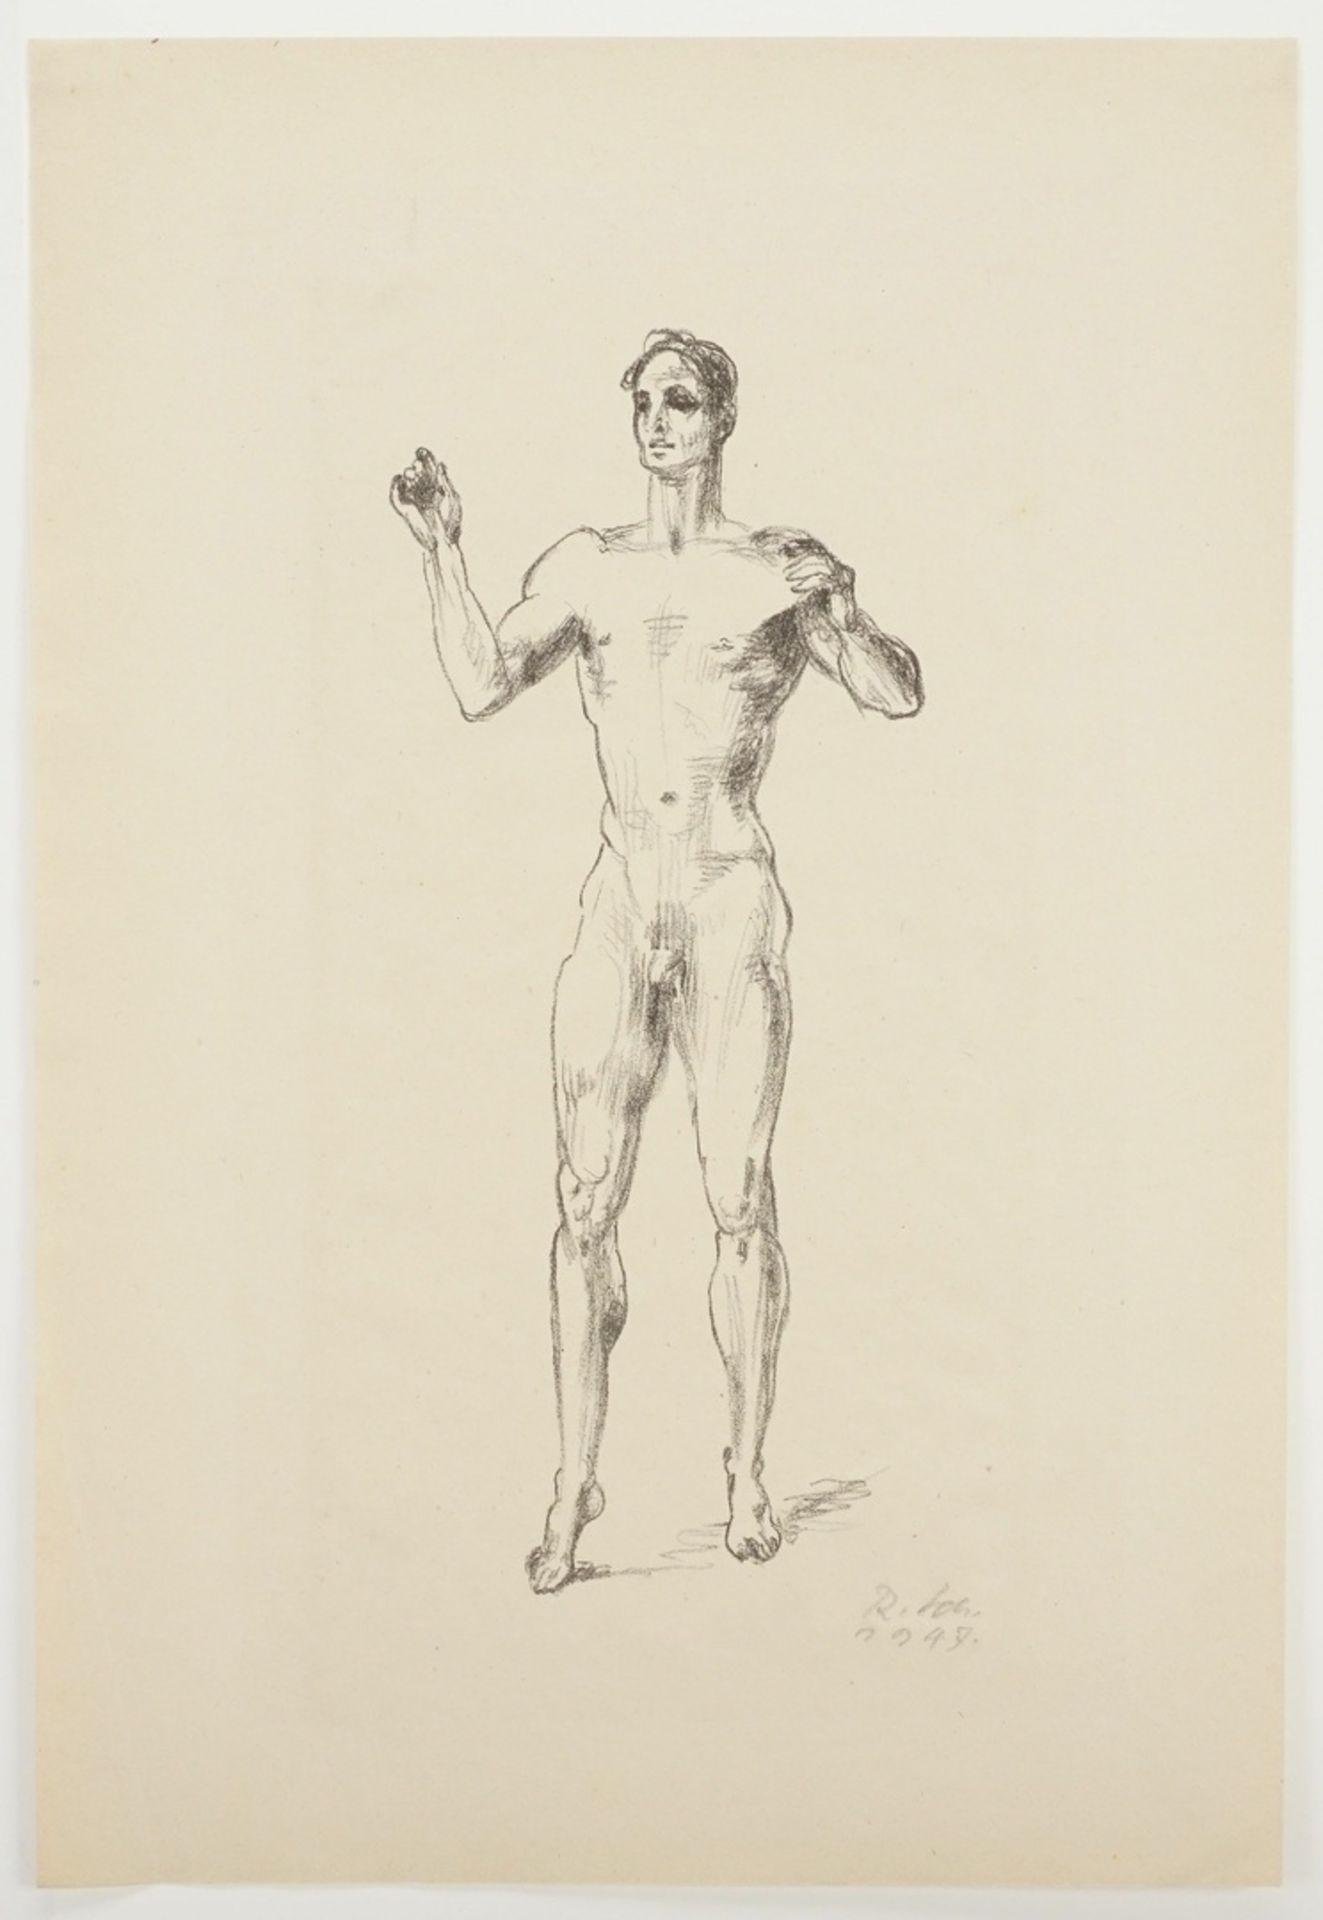 Richard Scheibe, Stehender männlicher Akt mit erhobenen Armen - Bild 3 aus 4